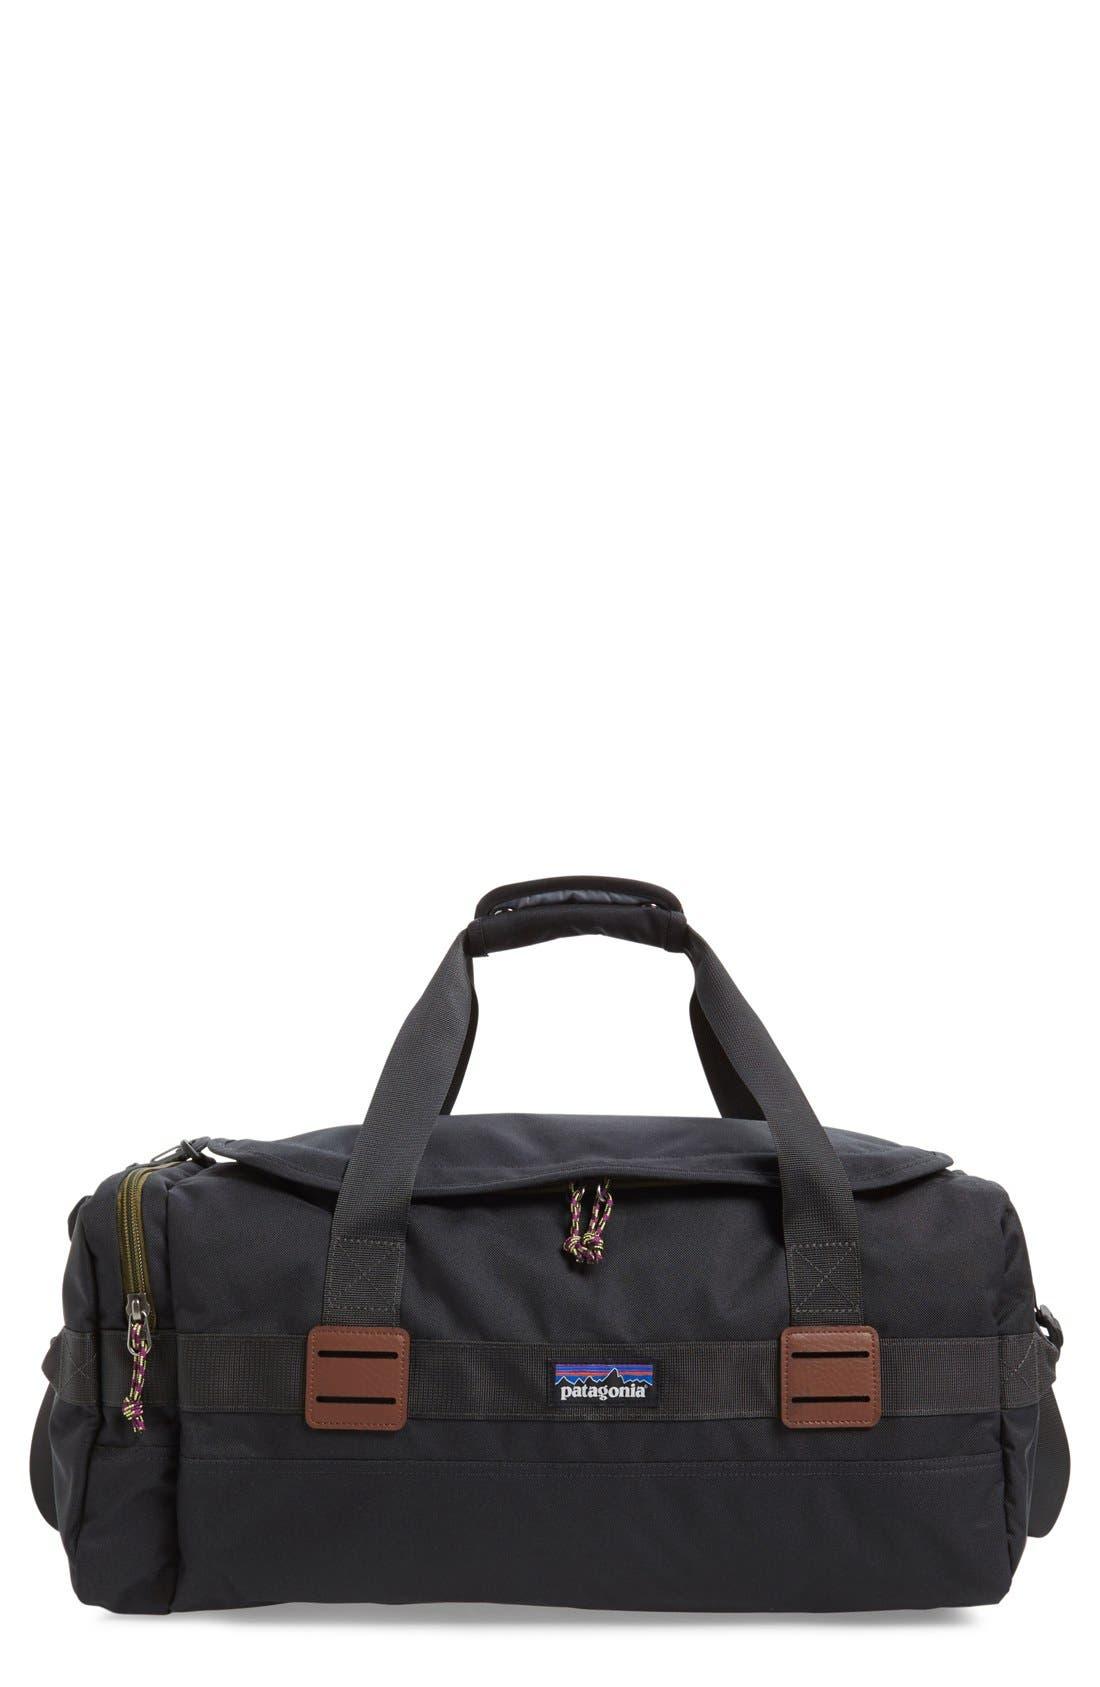 Patagonia 'Arbor' 30L Duffel Bag